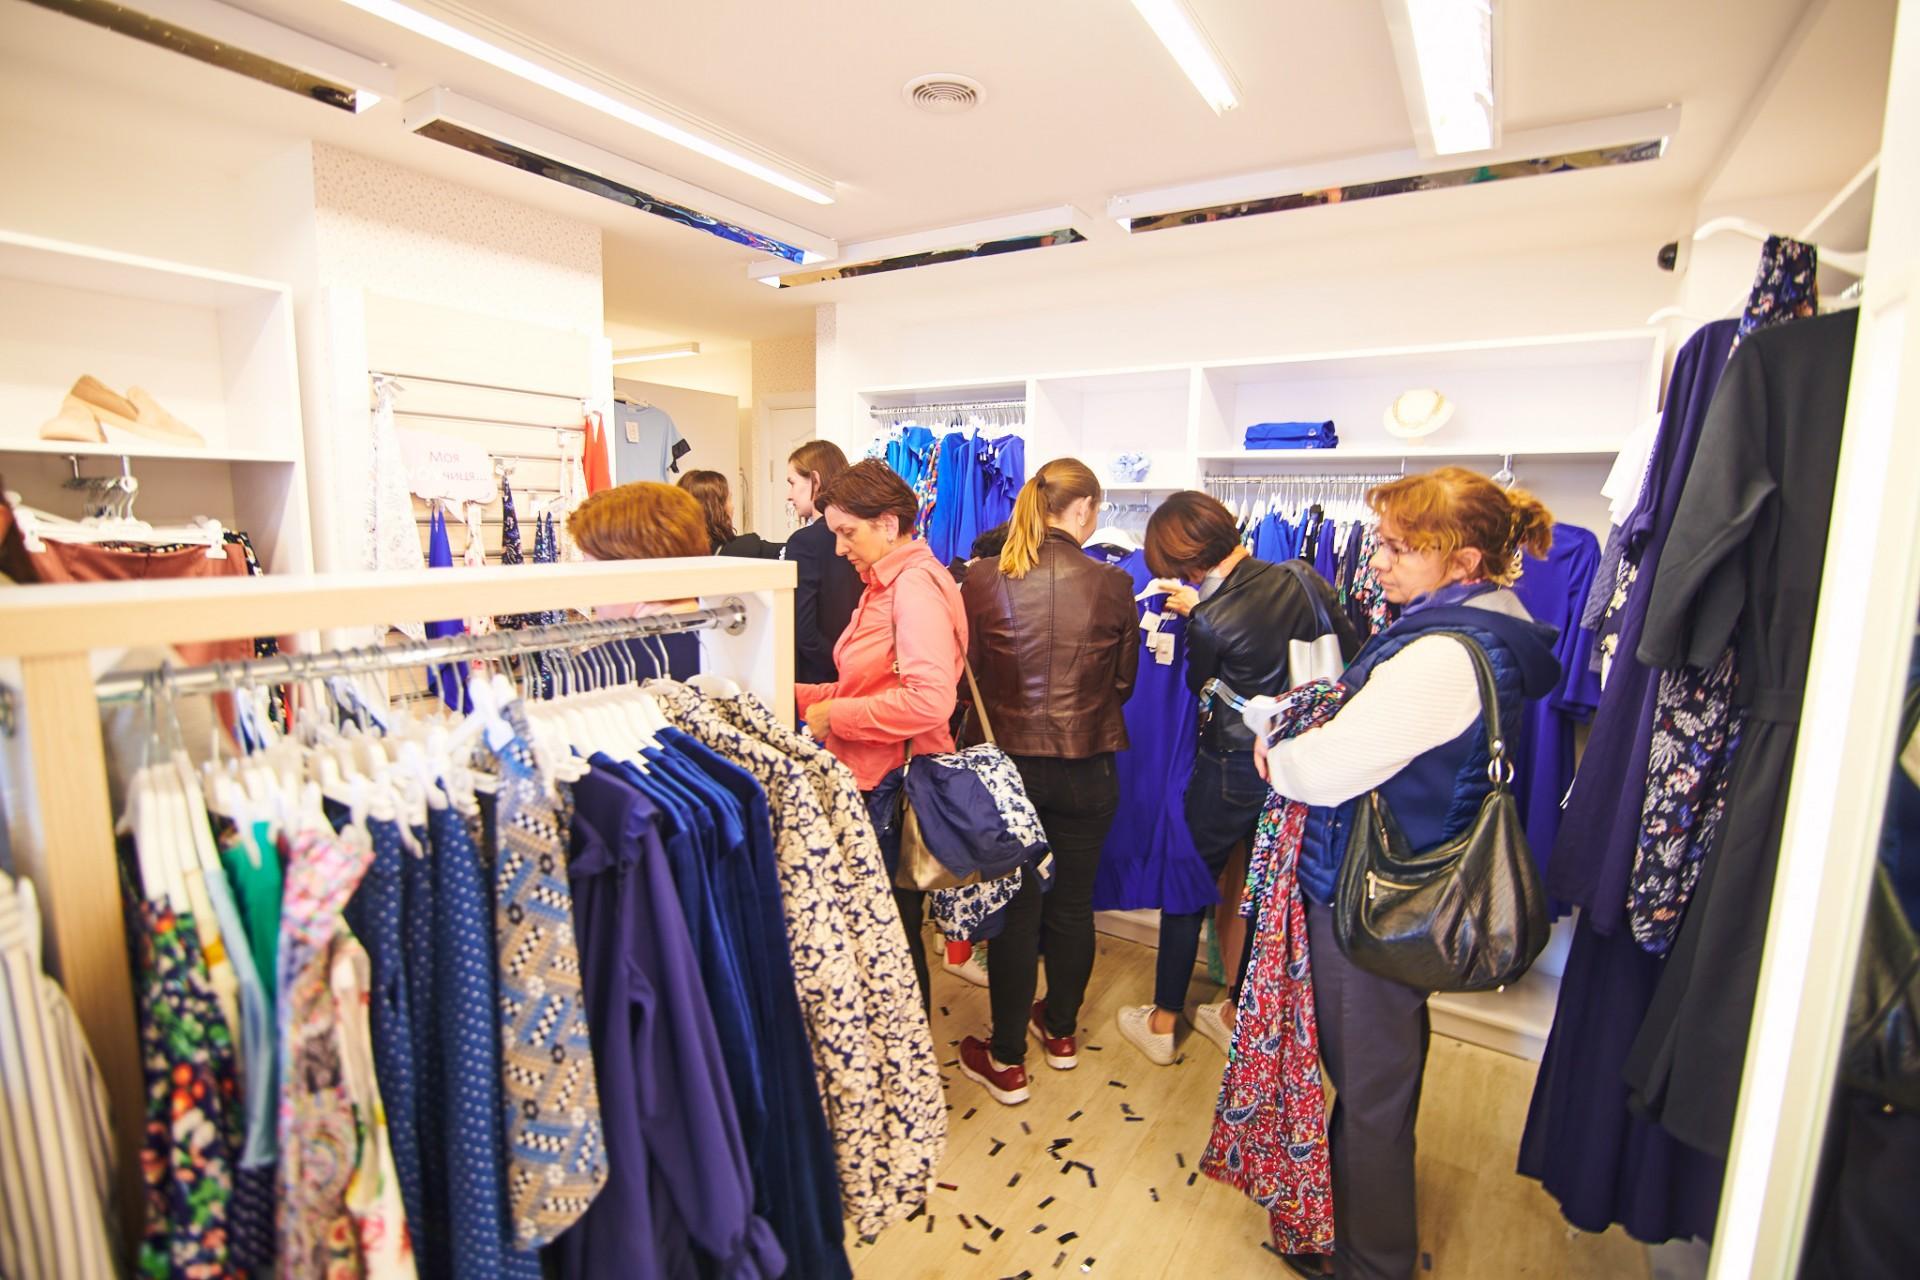 655977ad41d 28 апреля начала работу торговая точка в Черновцах – в торговом центре  Depot Center по адресу улица Главная